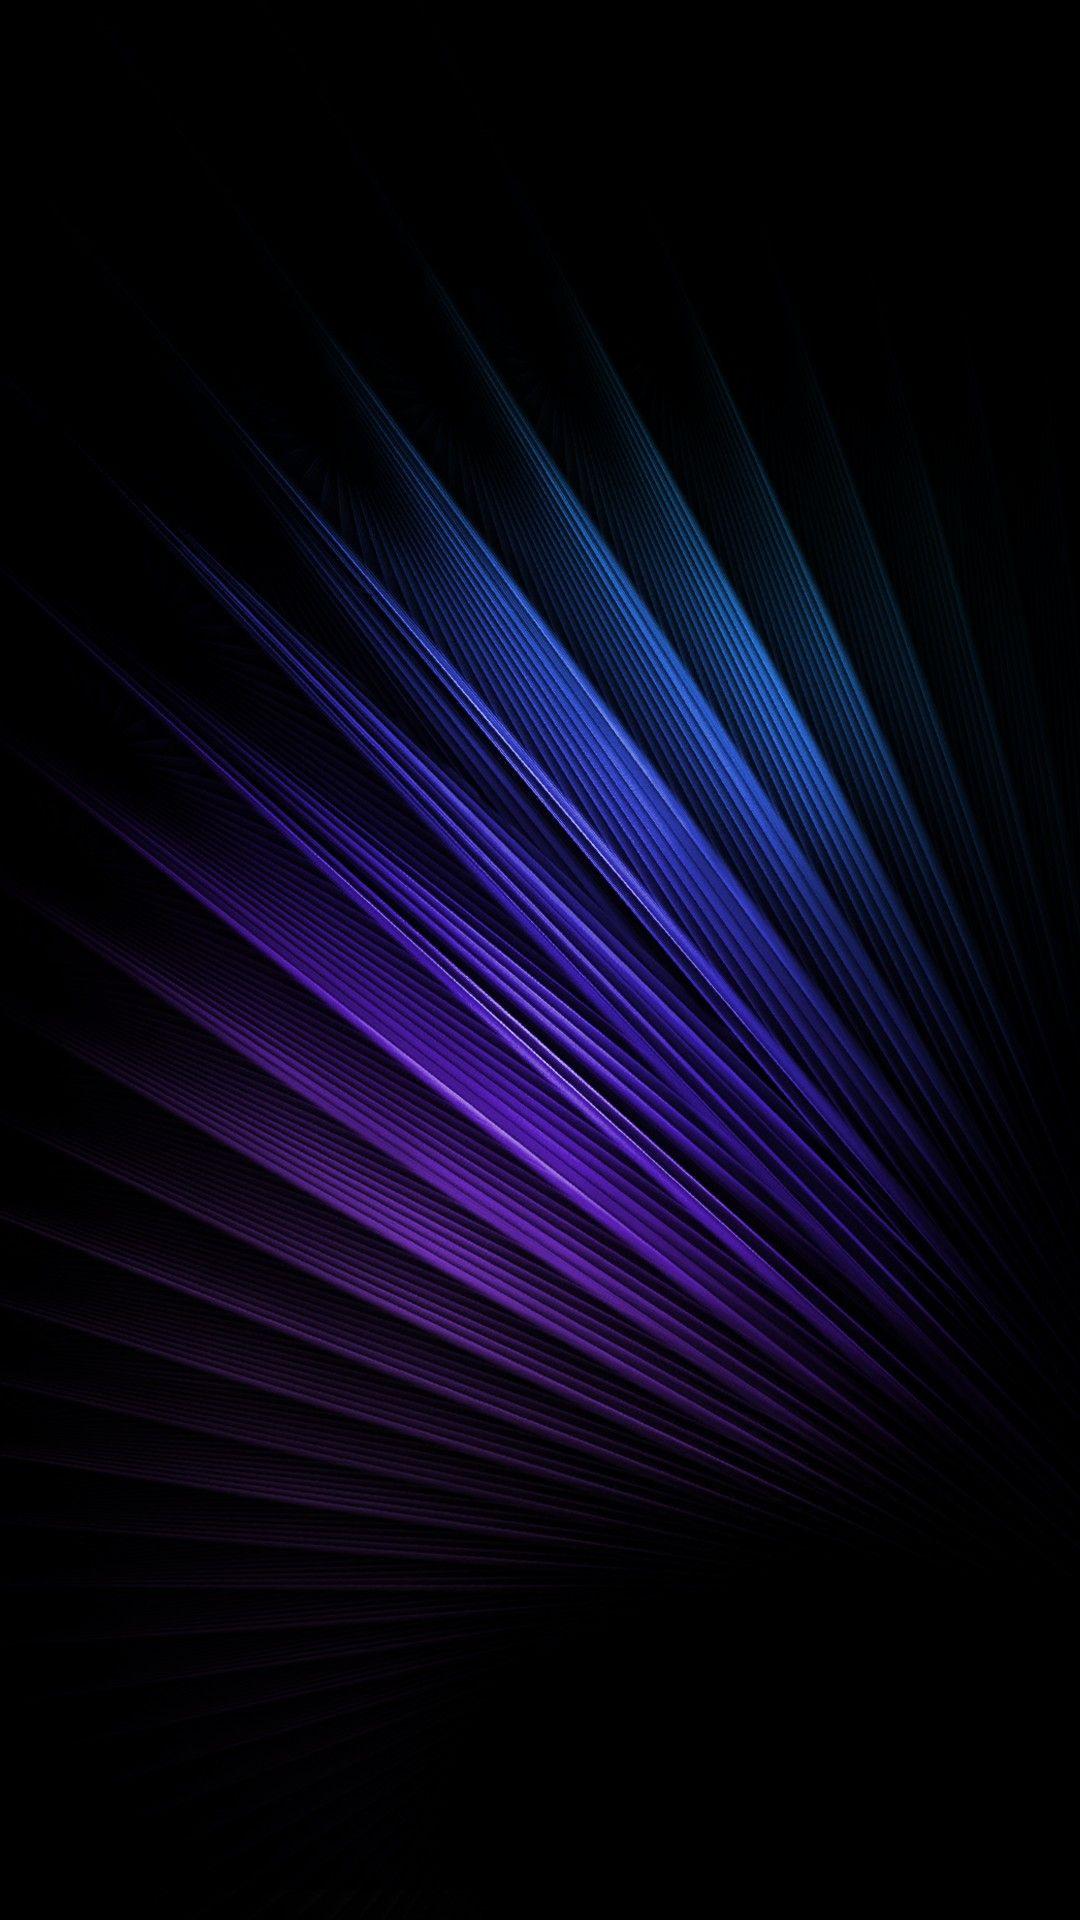 neu samsung | art | pinterest | wallpaper backgrounds, wallpaper